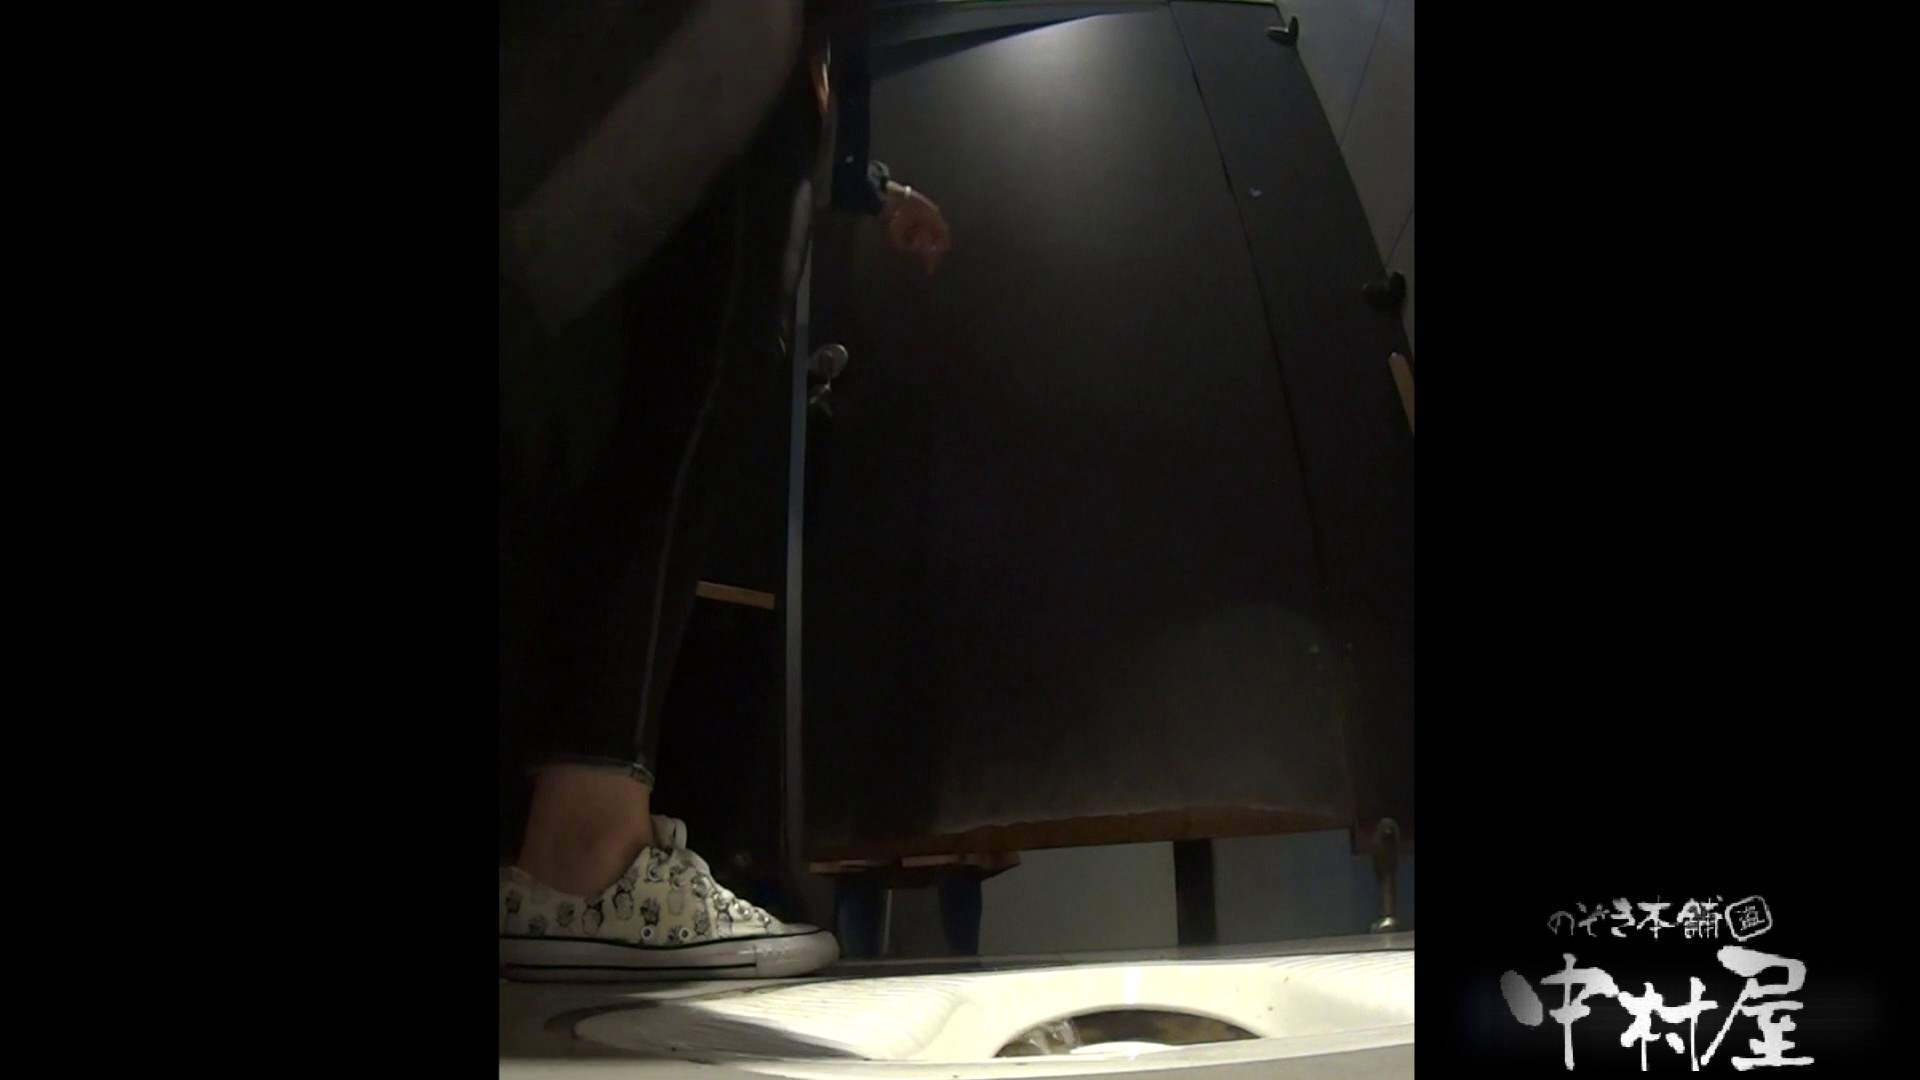 大学休憩時間の洗面所事情21 盗撮 オメコ動画キャプチャ 92PICs 22